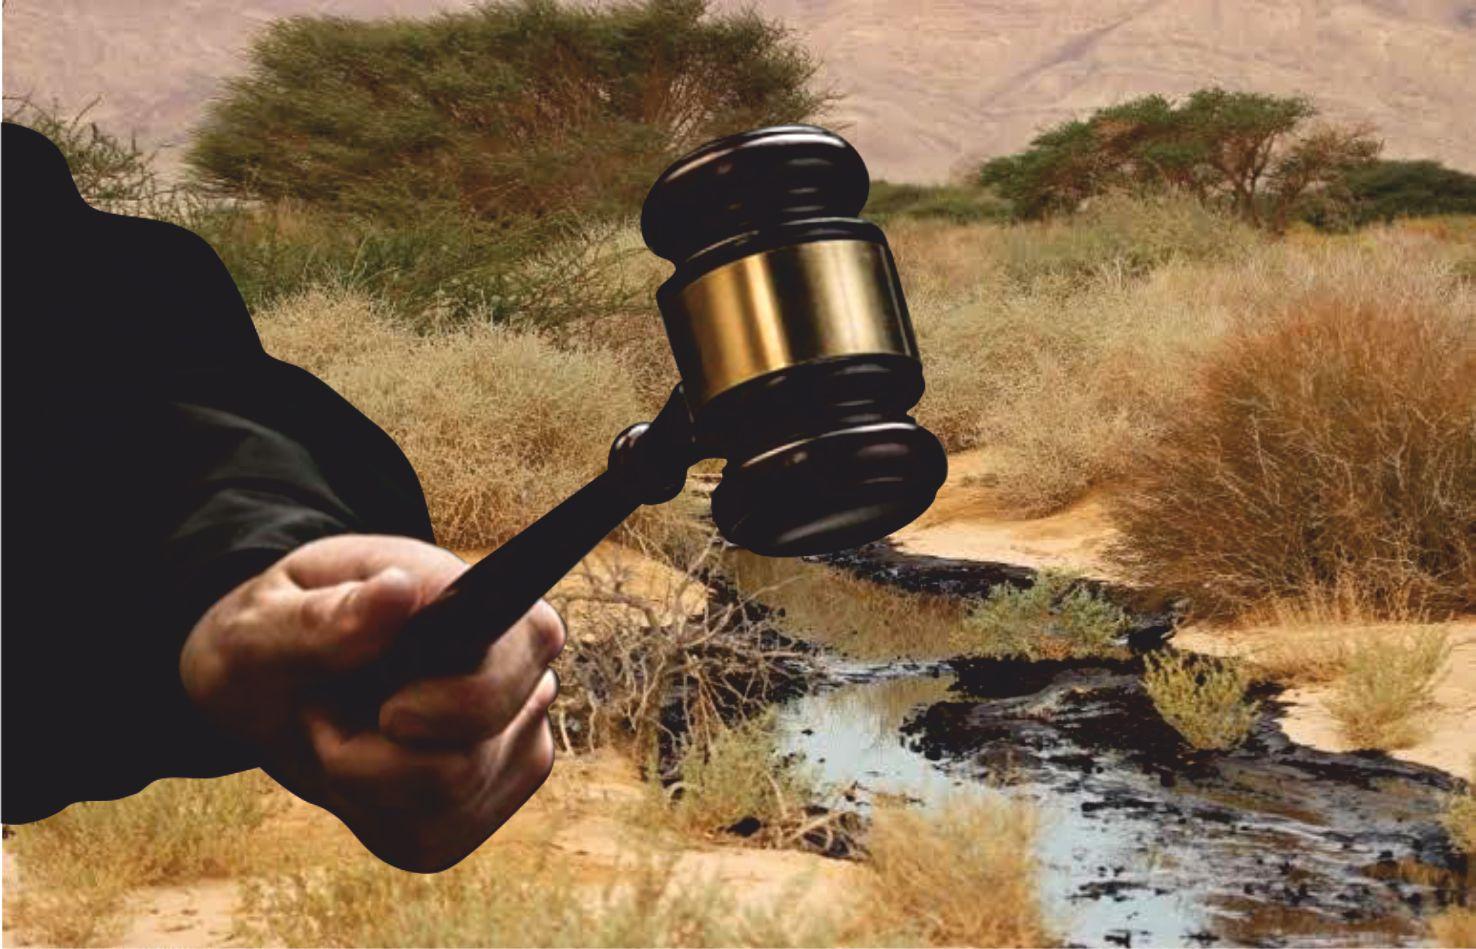 קצא''א תשלם לעורכי הדין  שייצגו מולה באסון עין עברונה  כ-11.5 מיליון שקל